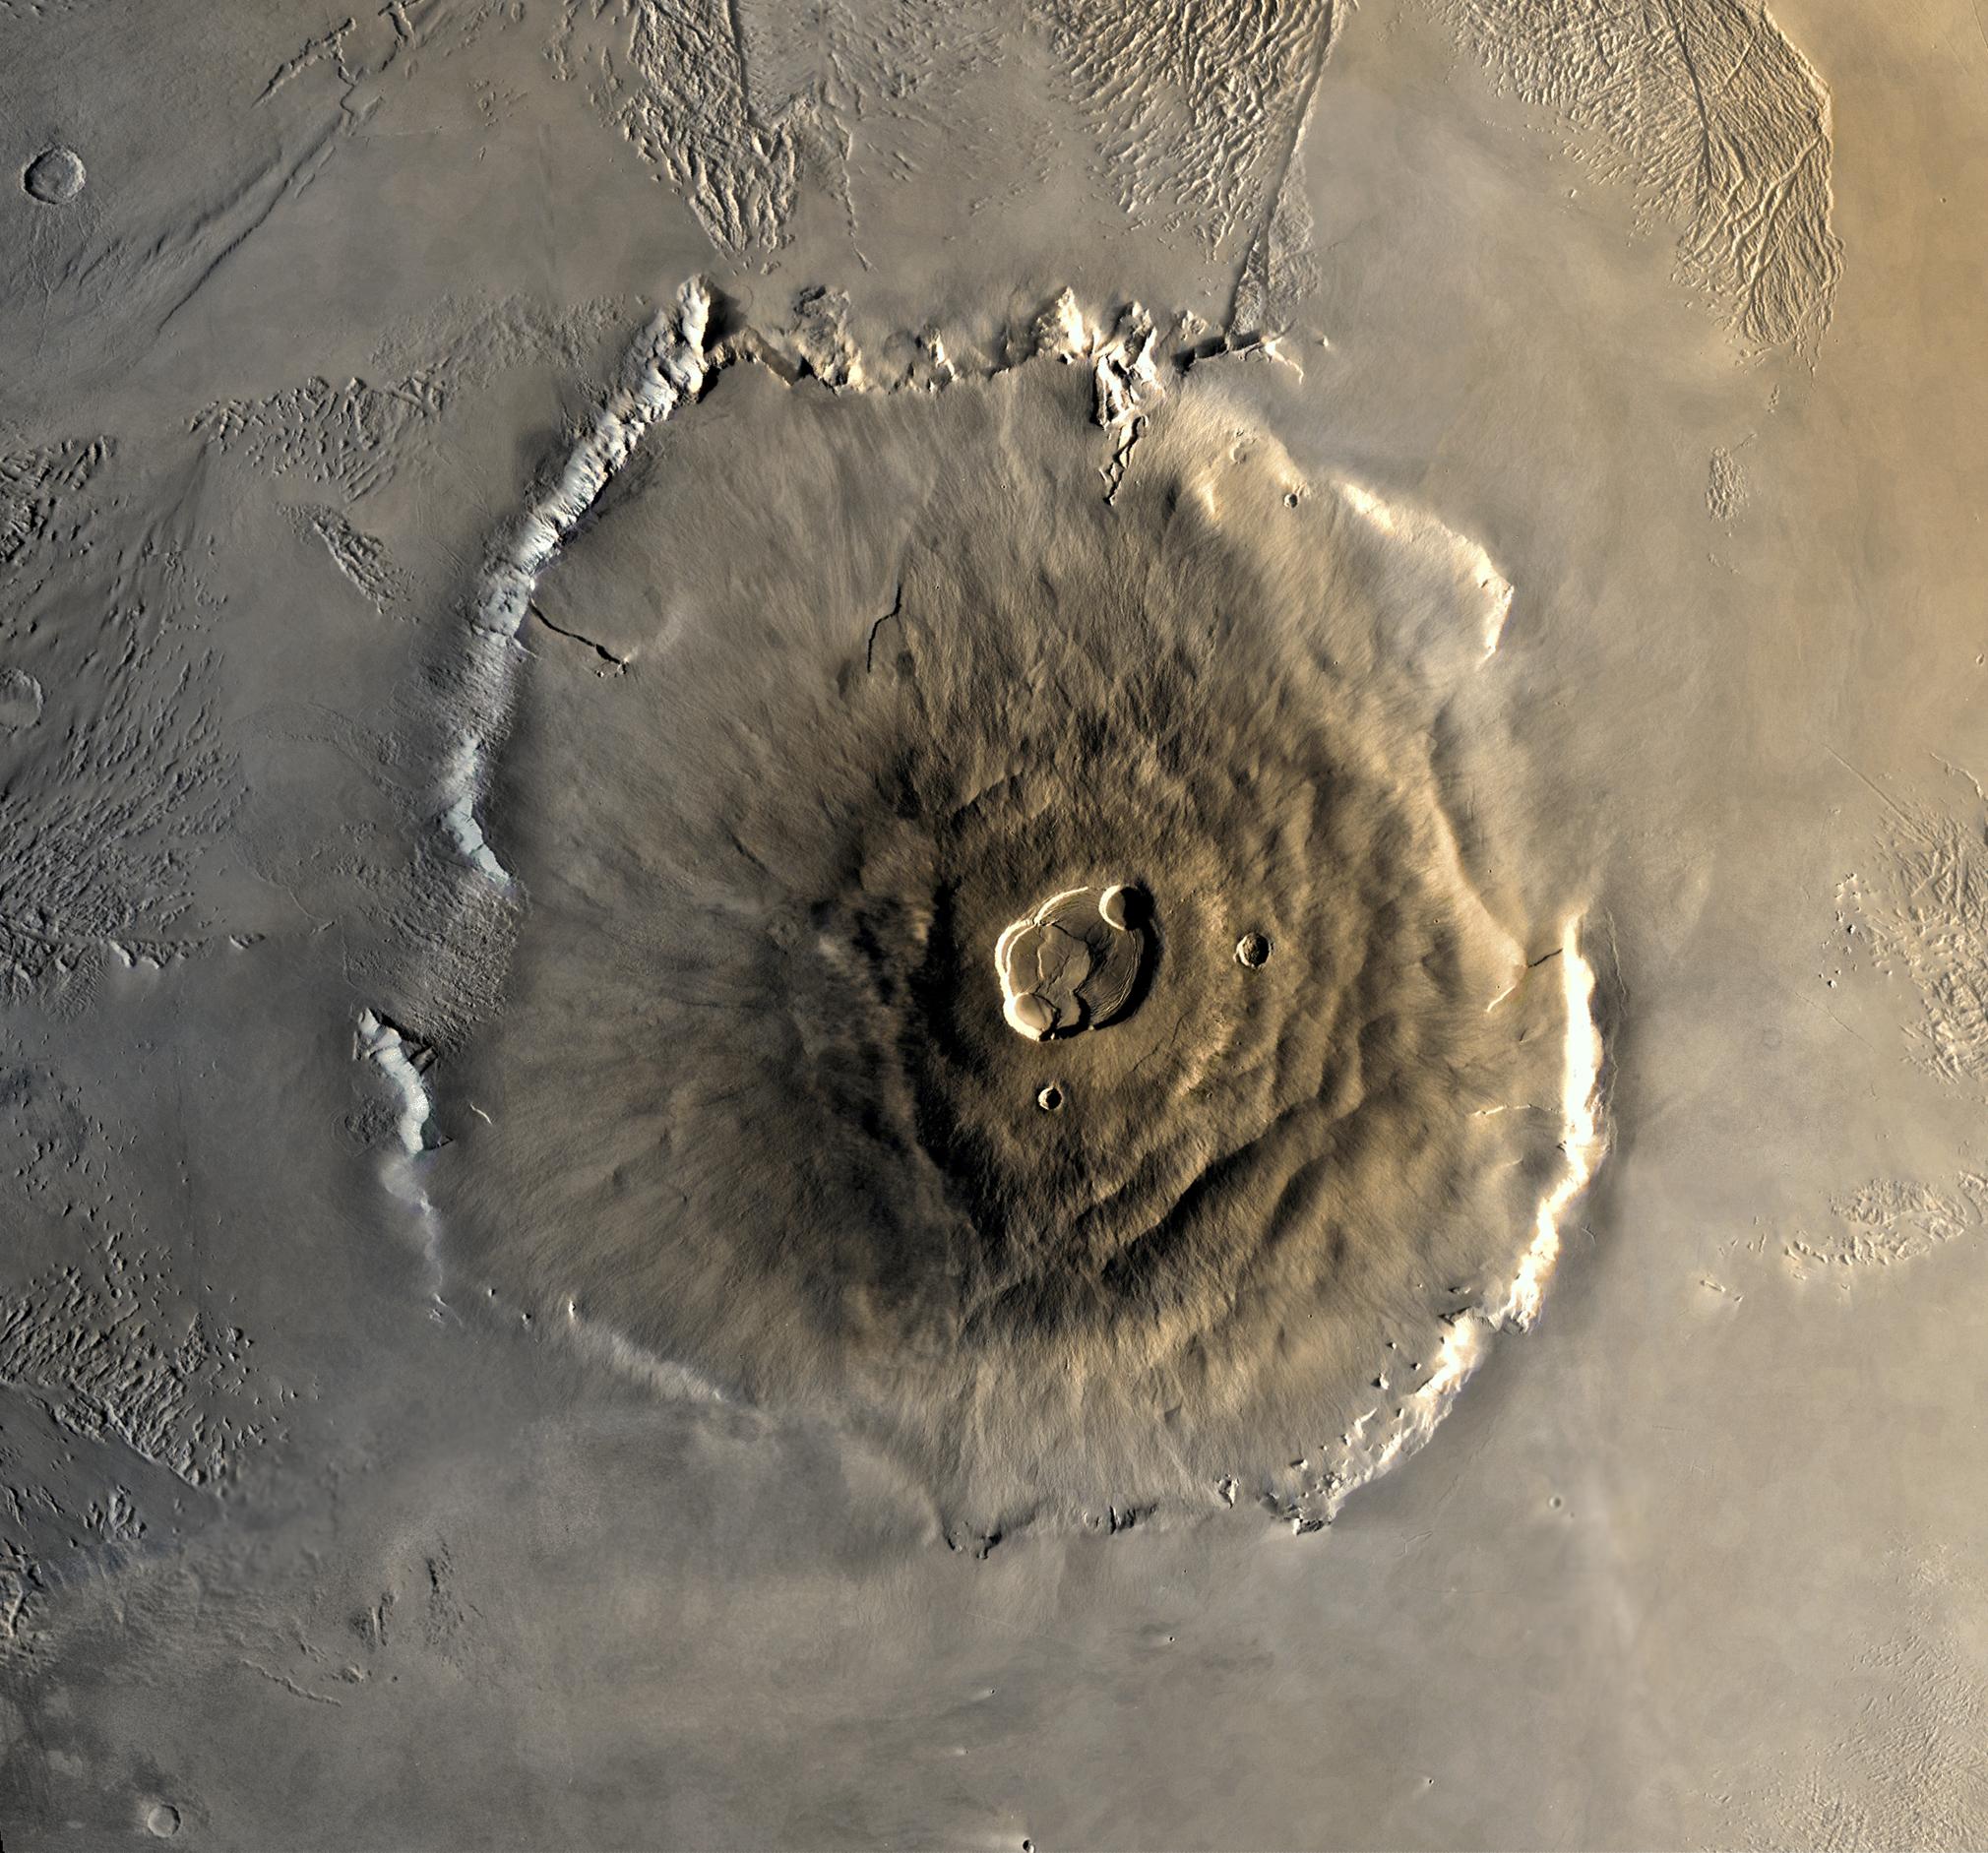 mest kjente vulkanen